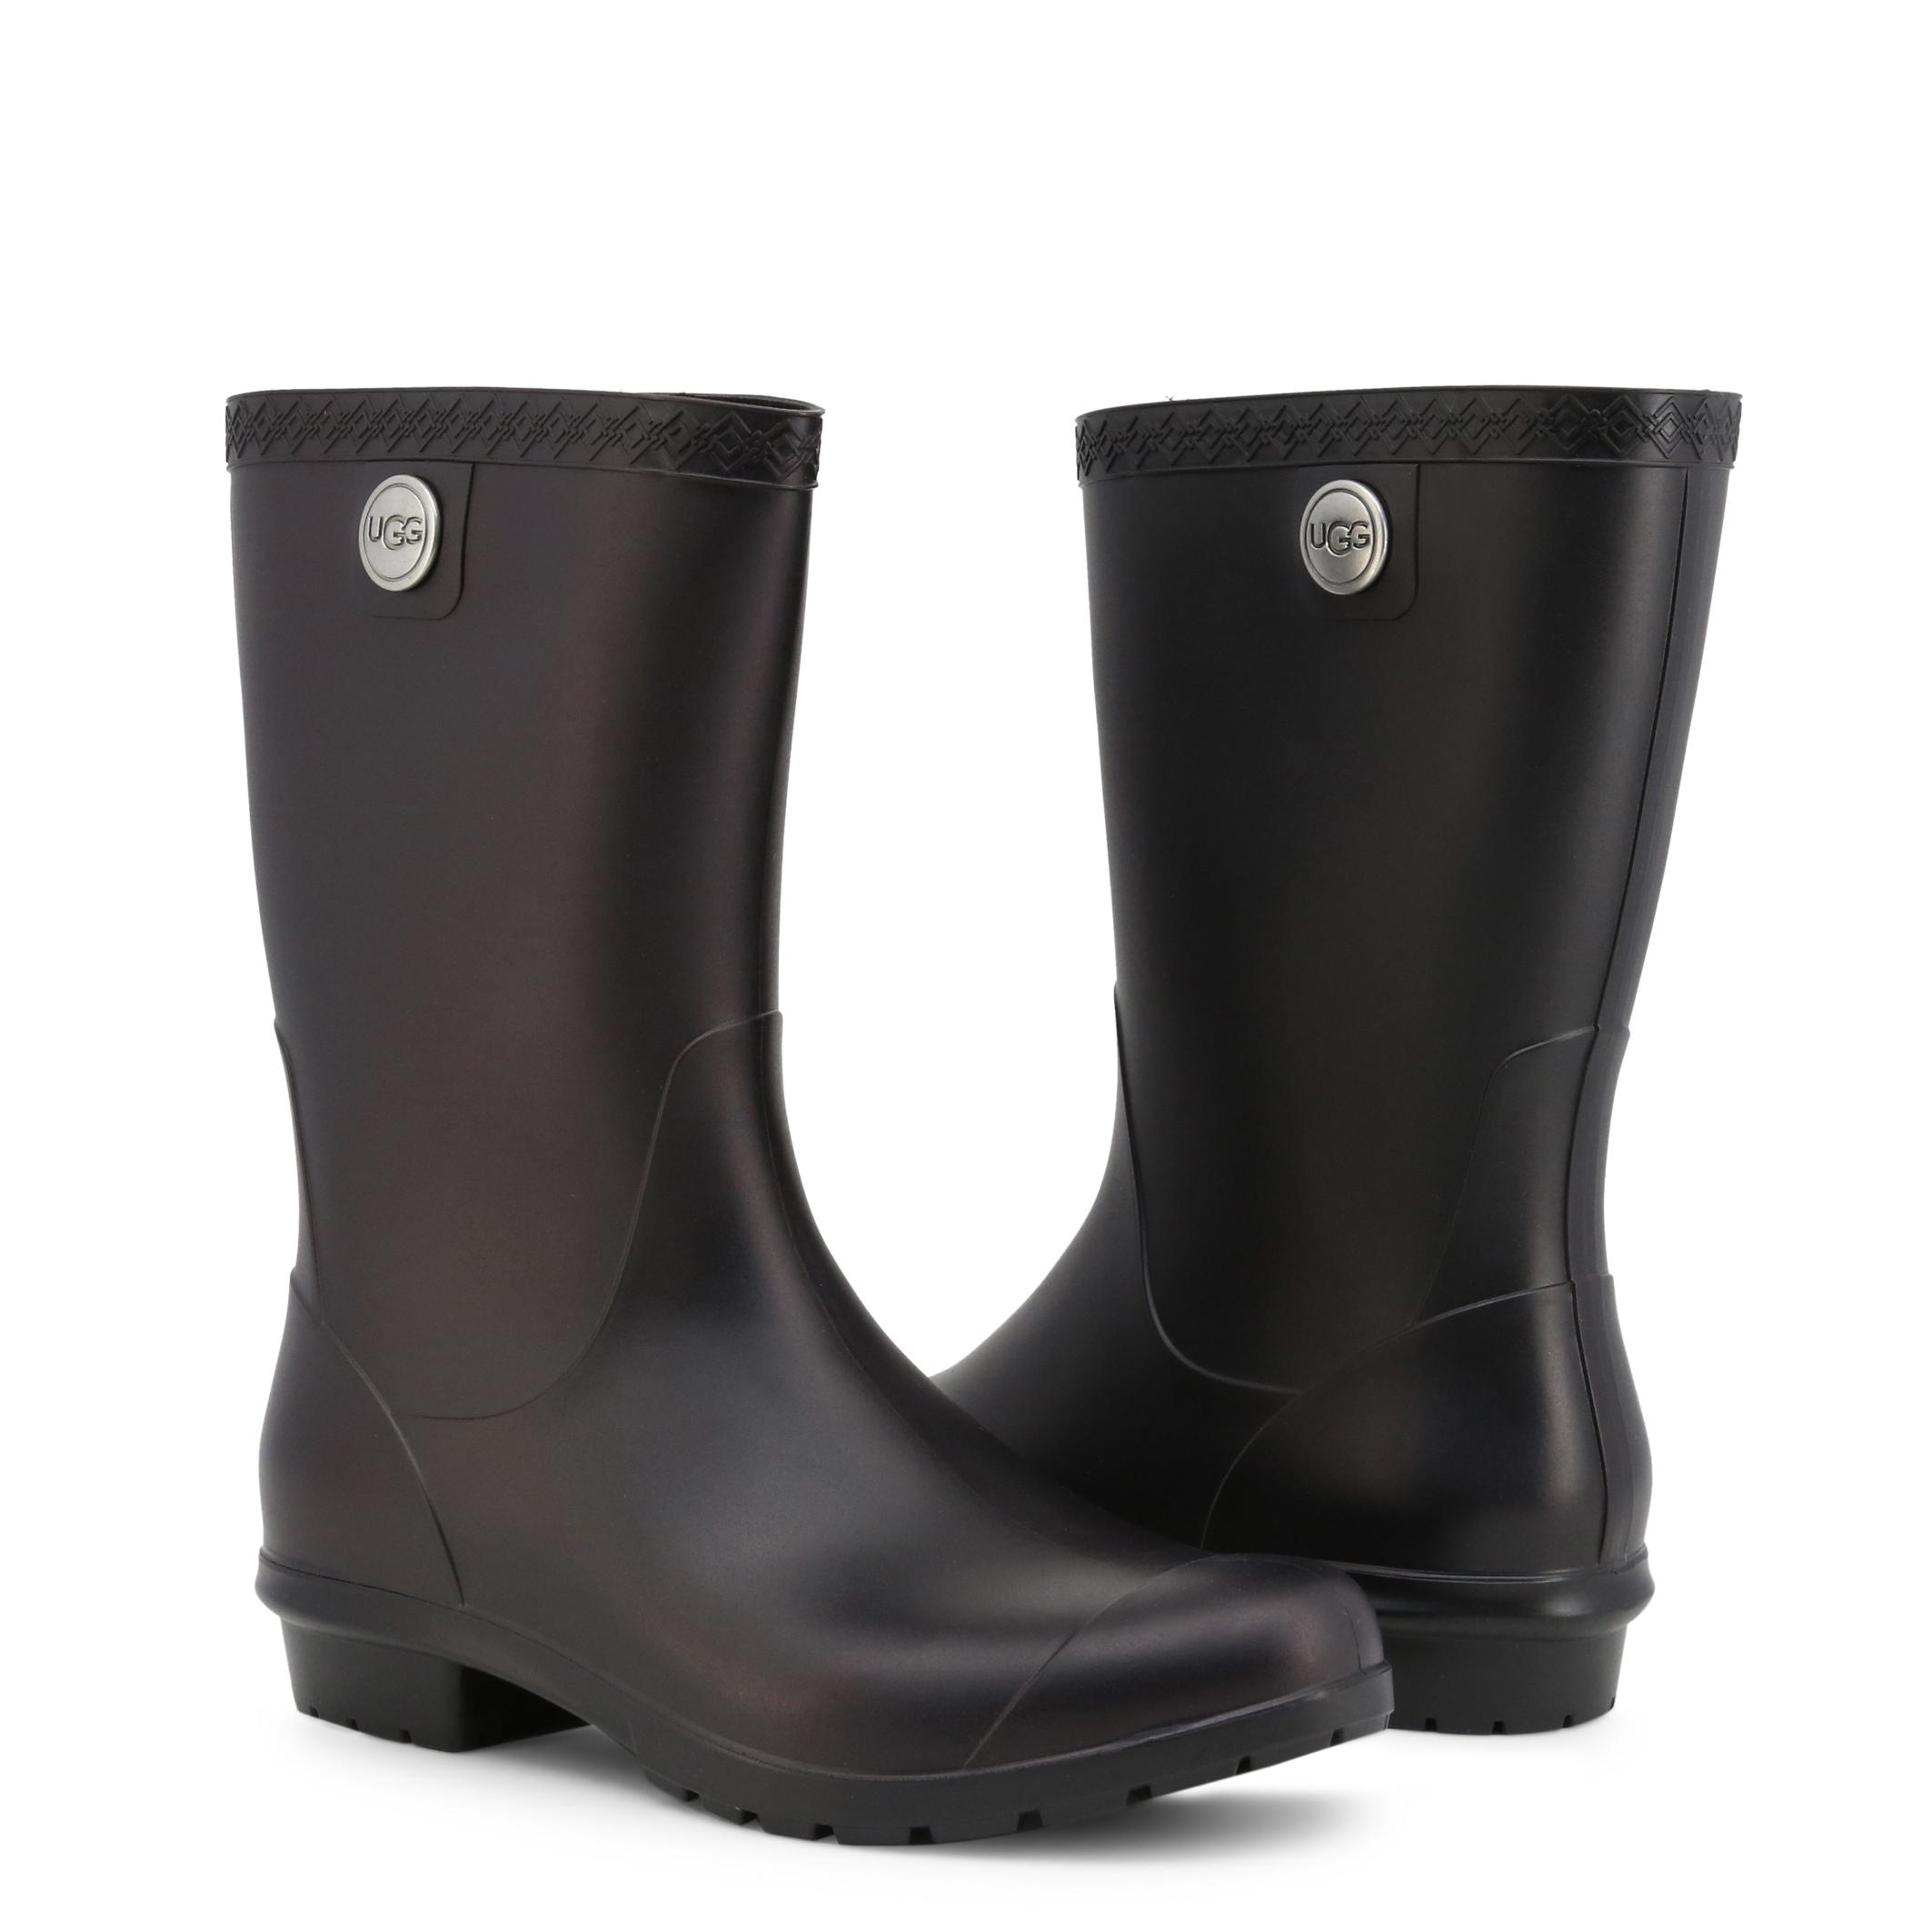 Chaussures  Ugg SIENNA_MATTE_1100510_BLACK black